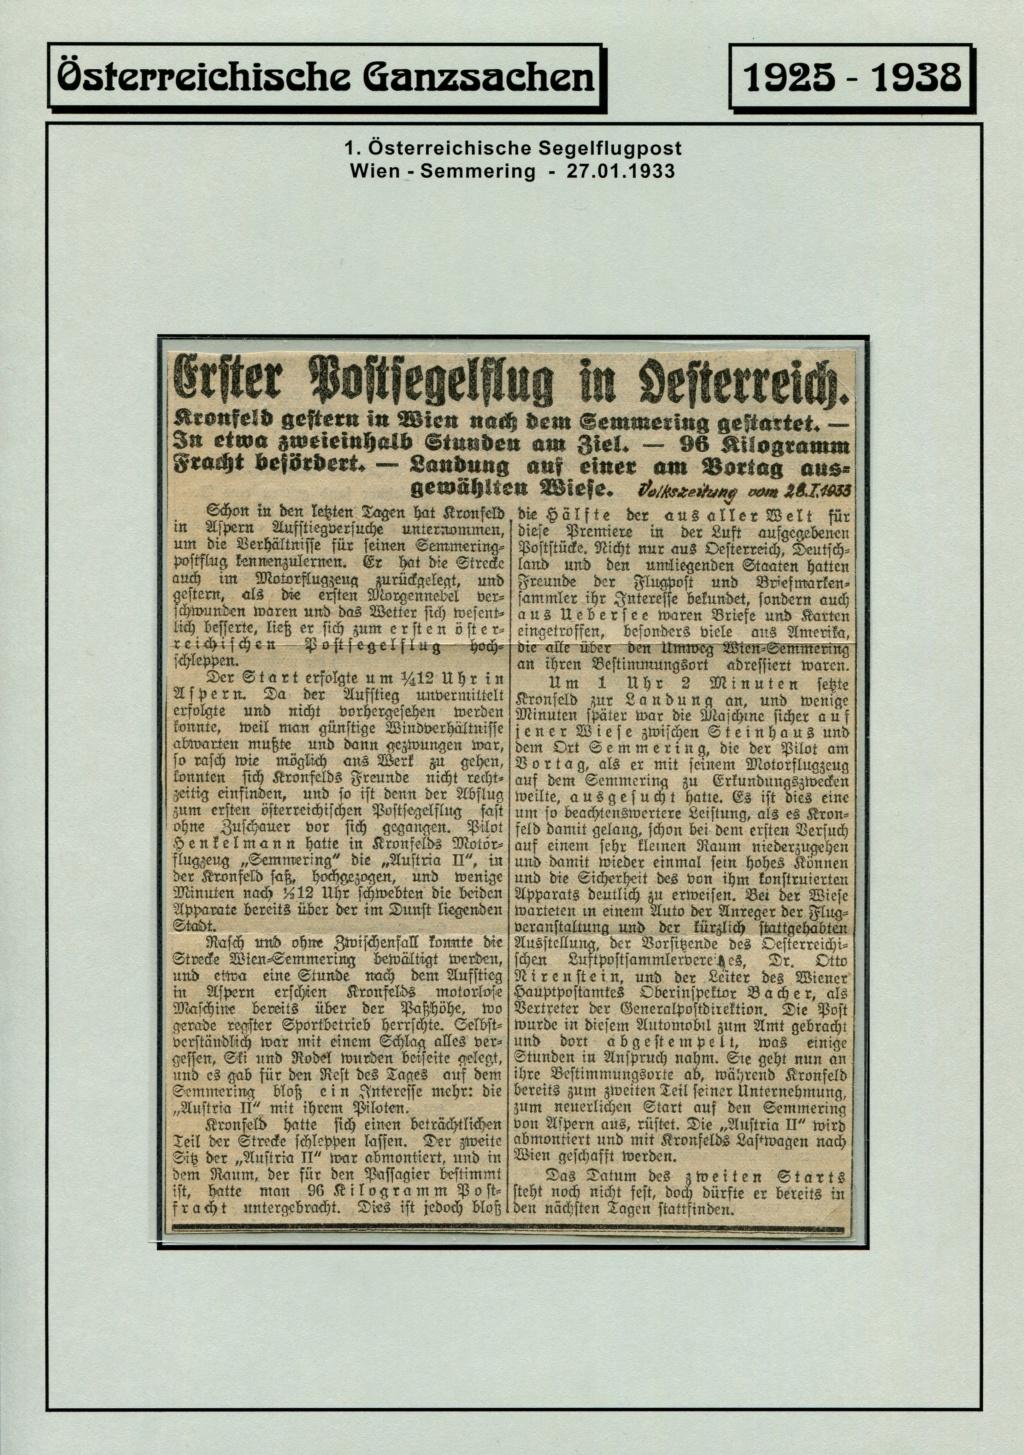 Ganzsachen - Segelflug Robert Kronfeld 1933 Kr_00012